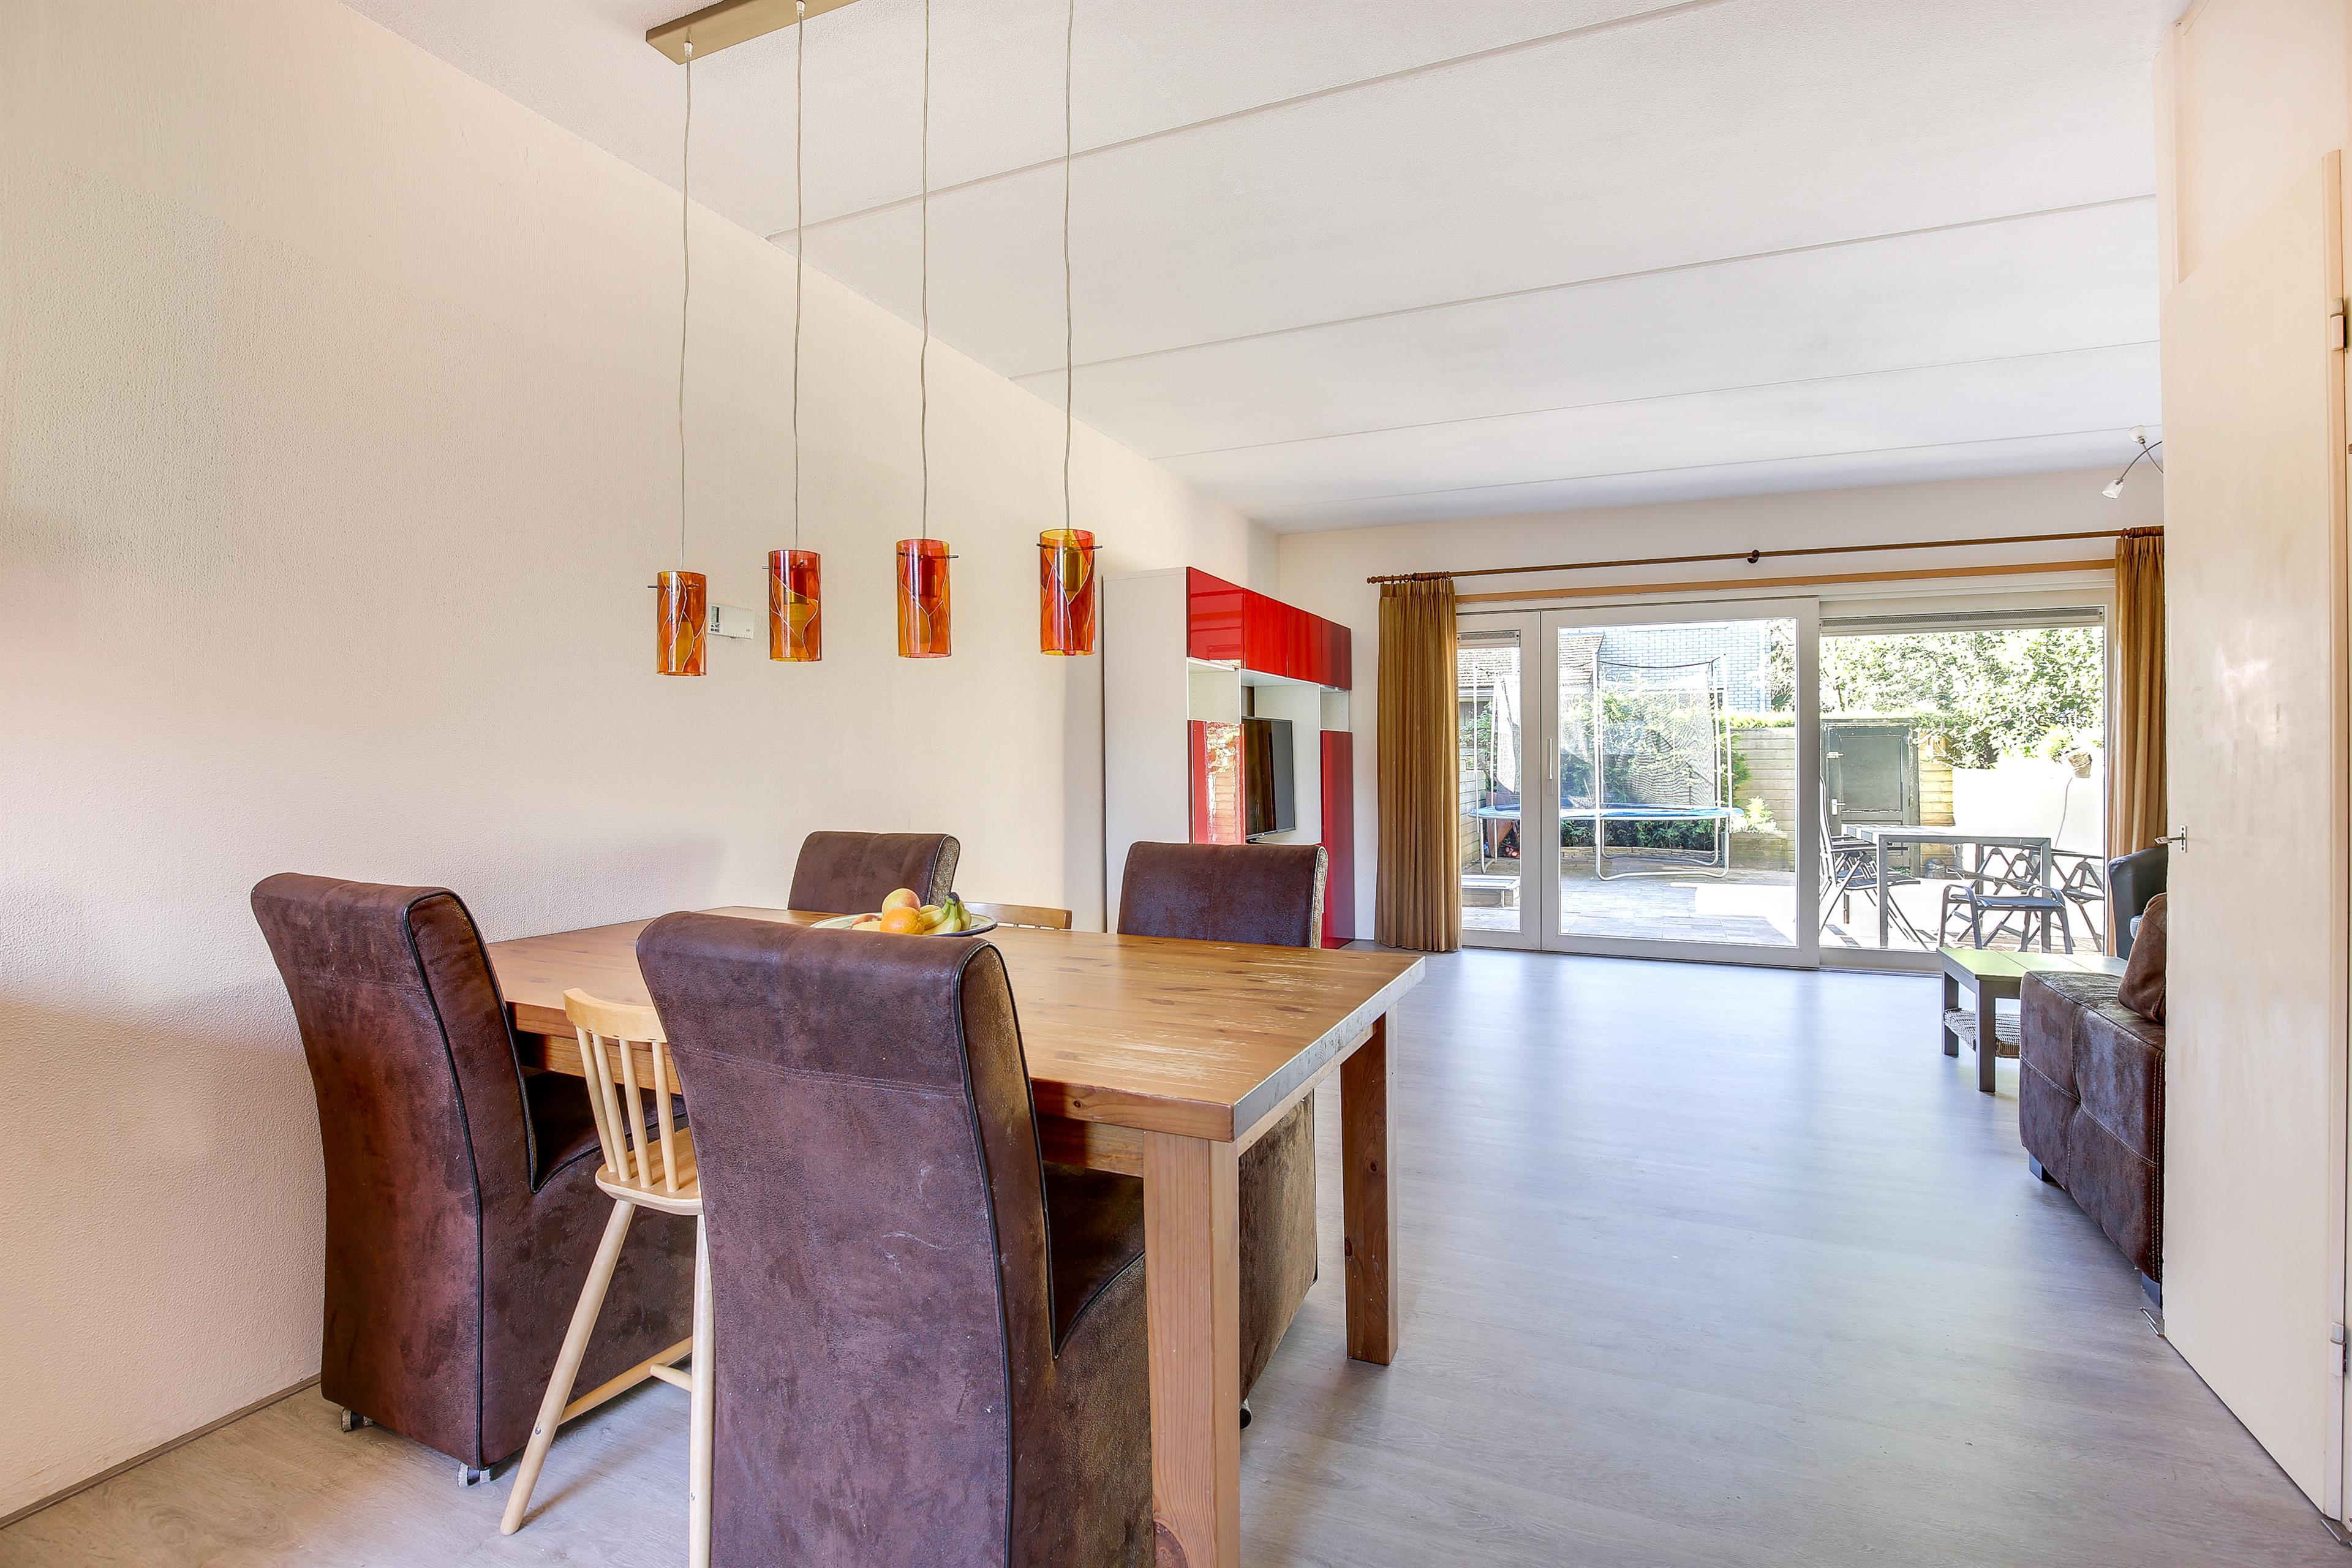 Te koop hofmark 143 almere hoekstra en van eck m r makelaar - Hoe een grote woonkamer te voorzien ...